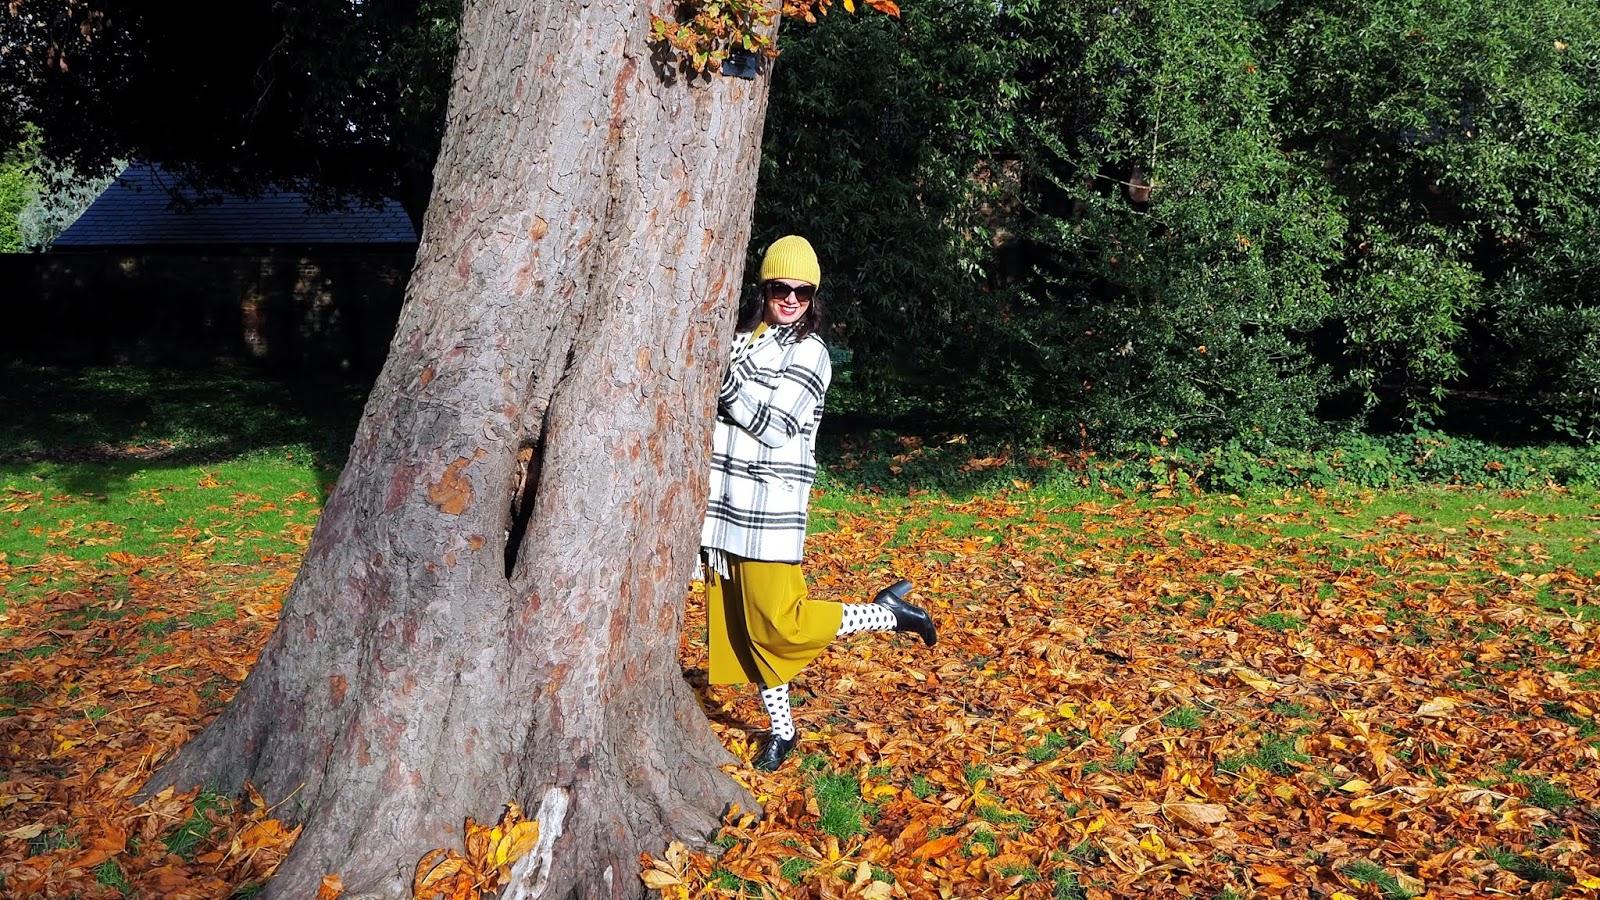 Exploring Fulham Palace & Bishops Park